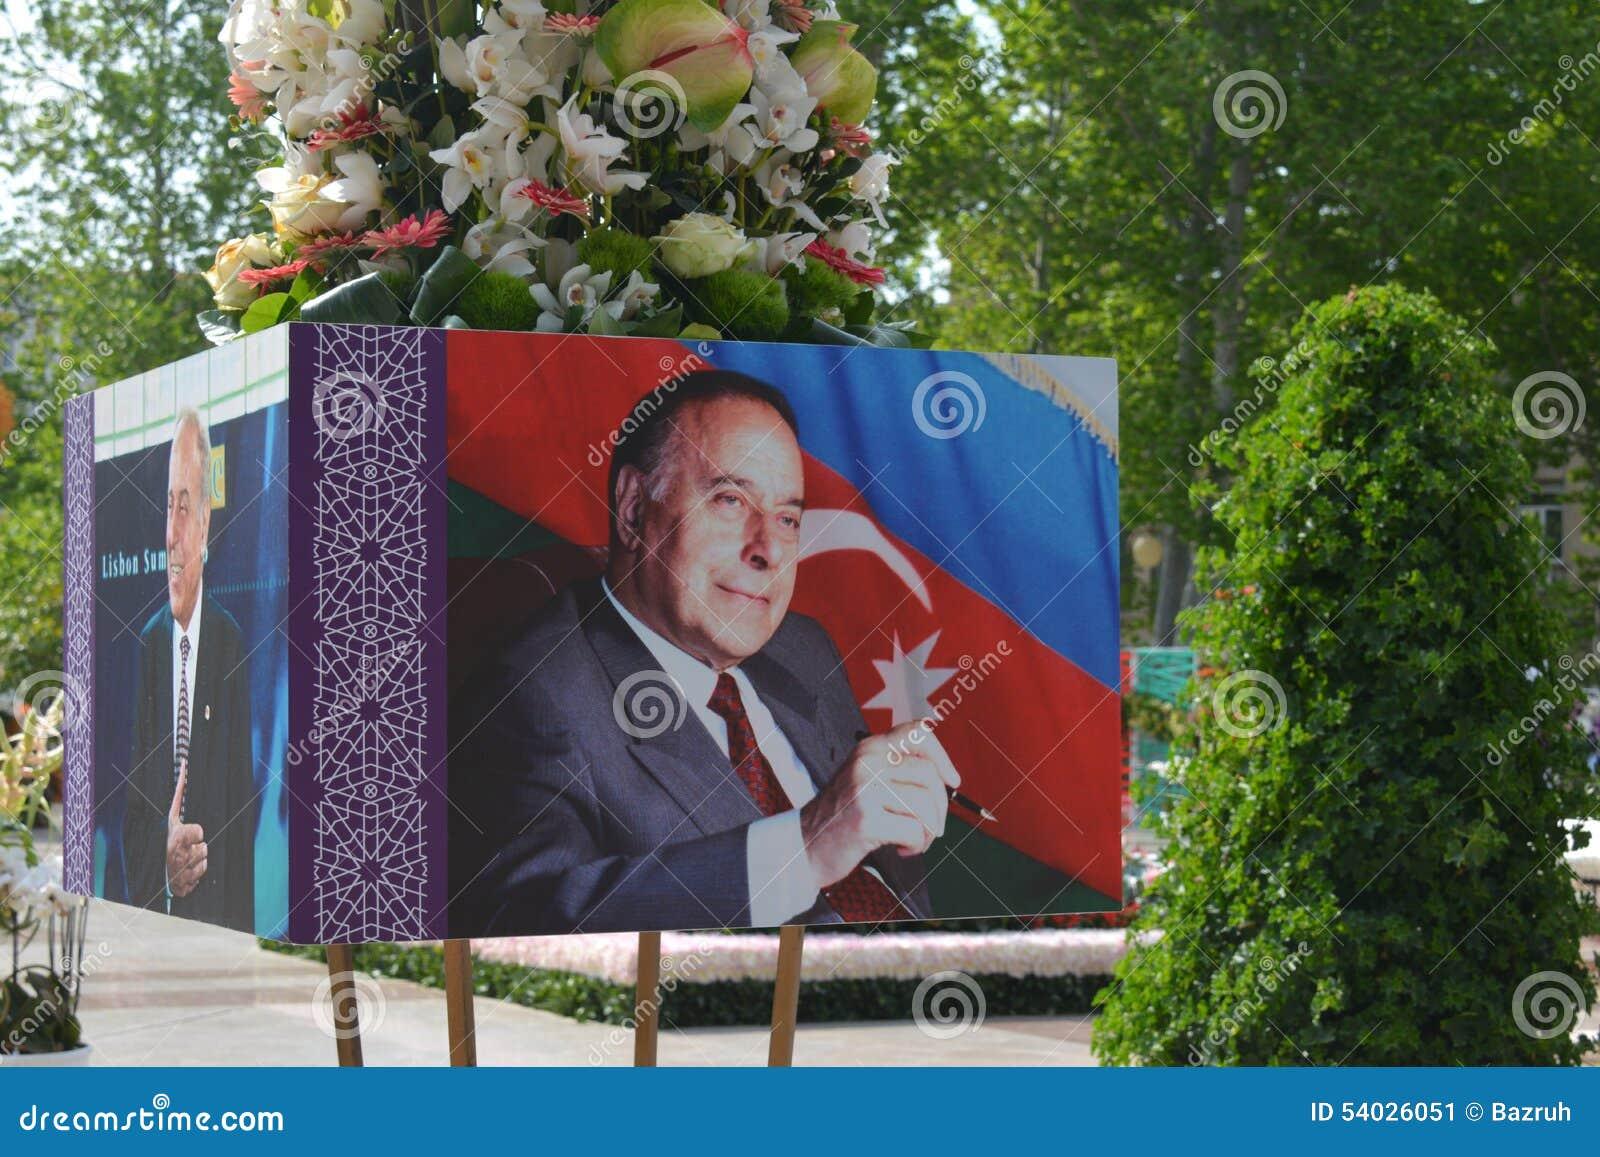 heydar aliyev the national leader of azerbaijan National leader of azerbaijan heydar alirza oglu aliyev heydar alirza oglu aliyev was born on 10 may 1923 in the town of nakhchivan, azerbaijan.